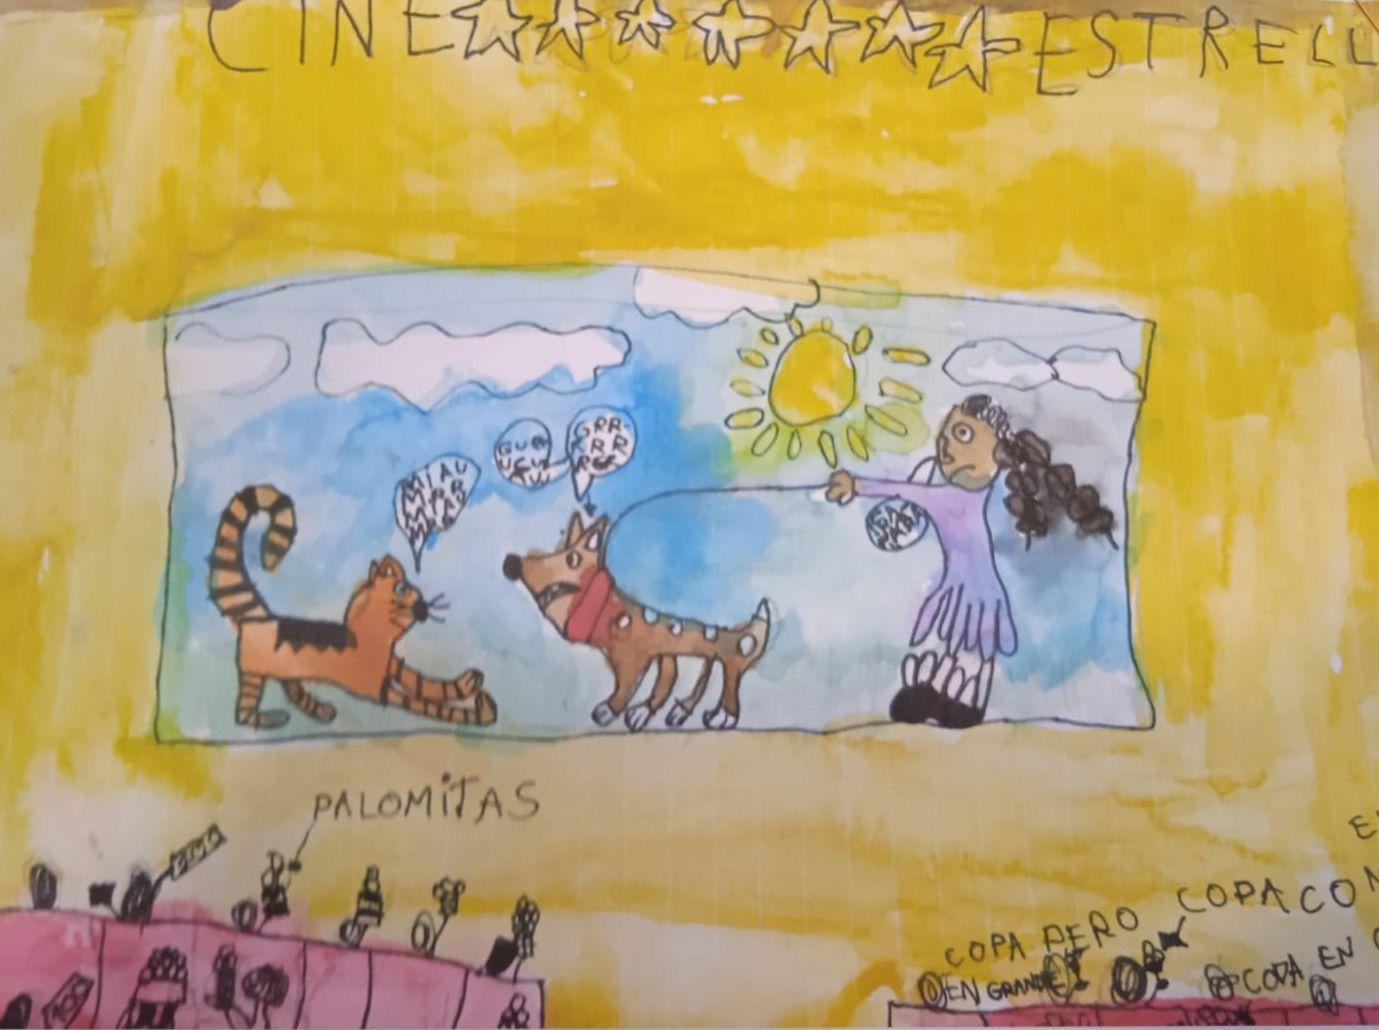 O Concello de Viveiro felicita a Sofiya Insua e Elena Rivera polos seus premios na fase provincial do Certame de debuxo infantil